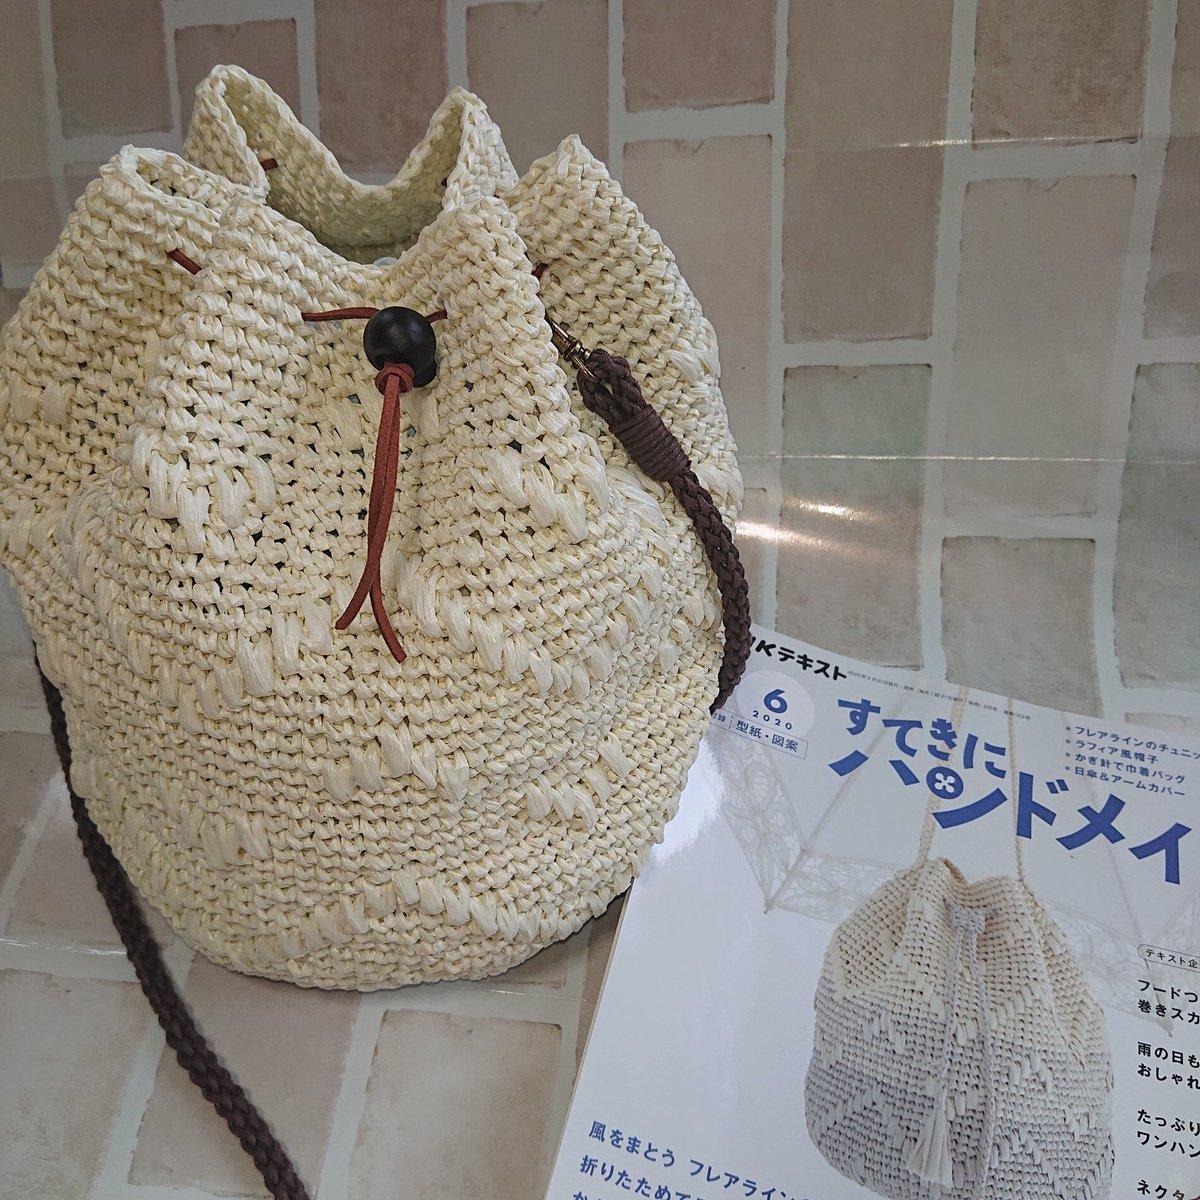 巾着バッグ出来ました〜.•*¨*•.¸¸♬ Dかんを付けて取り外しのできる斜め掛け用の紐を取り付けました。可愛すぎ( ⸝⸝⸝ᵕᴗᵕ⸝⸝⸝ ) #すてきにハンドメイド  #LittleLion  #ハマナカエコアンダリヤ #かぎ針編み巾着バッグ